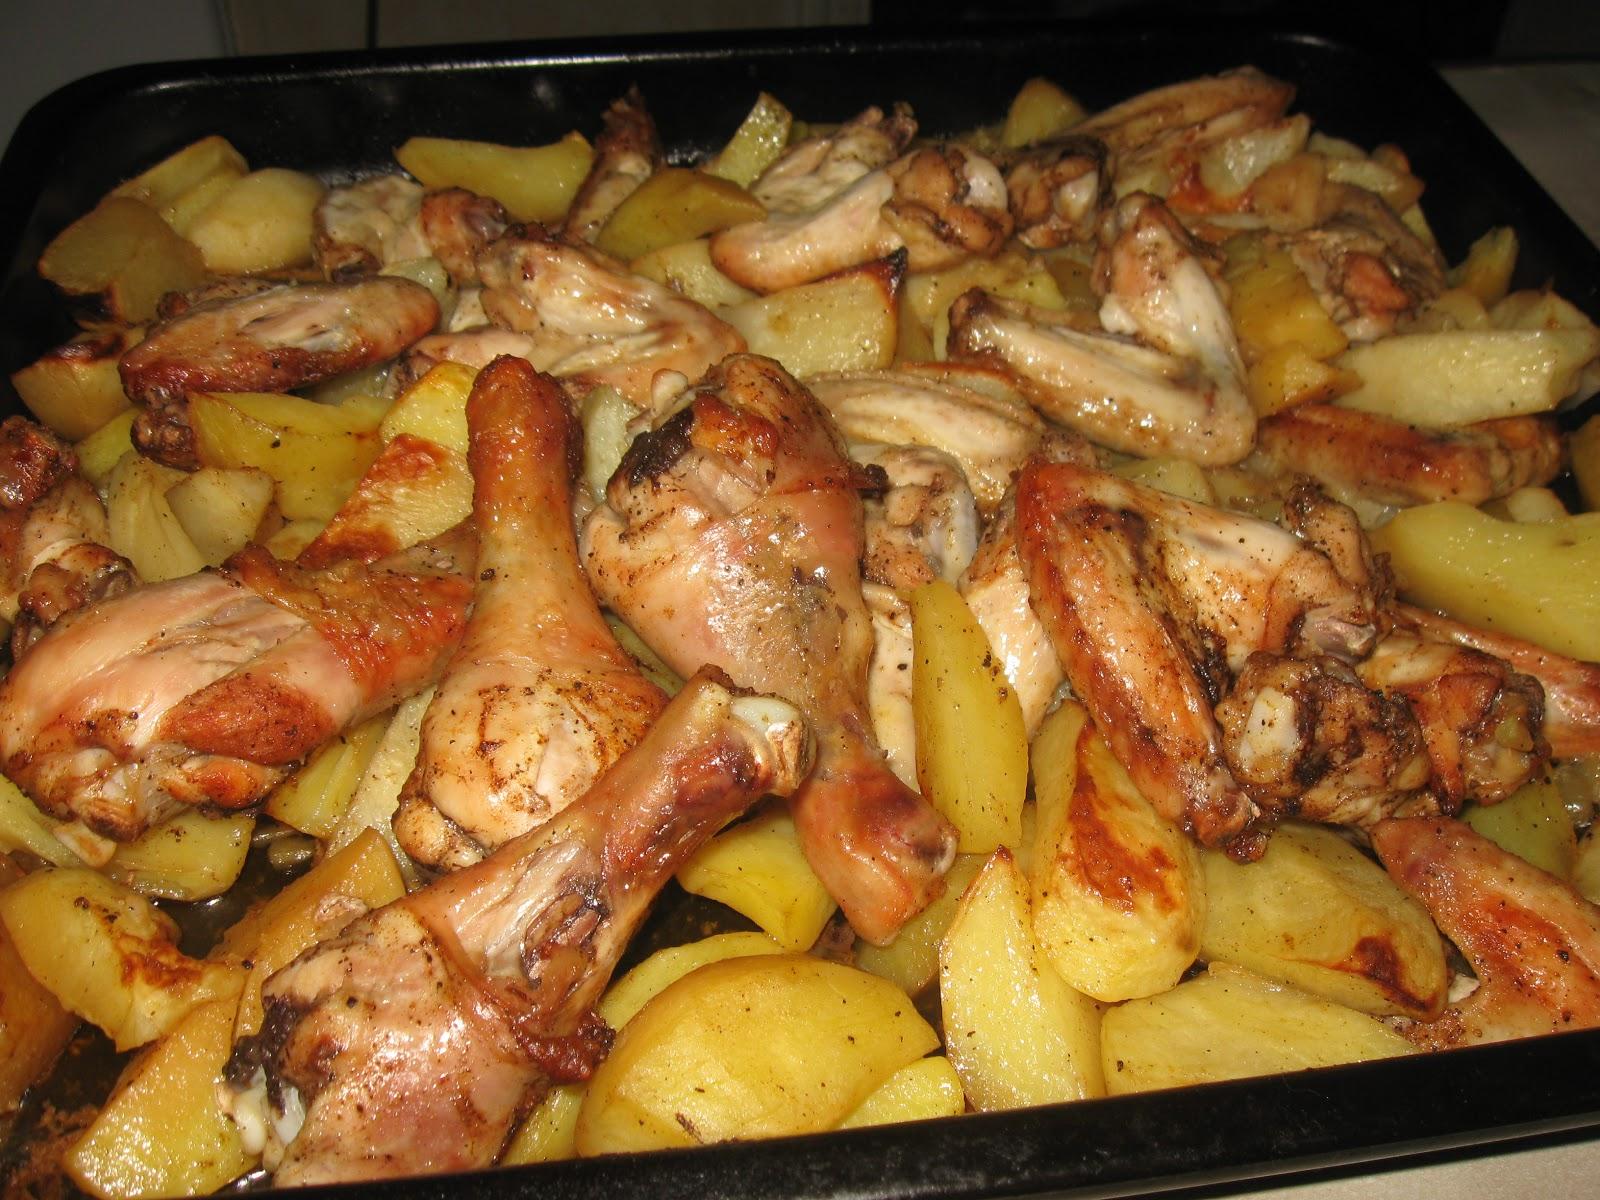 Картошка с мясом в протвине в духовке рецепт